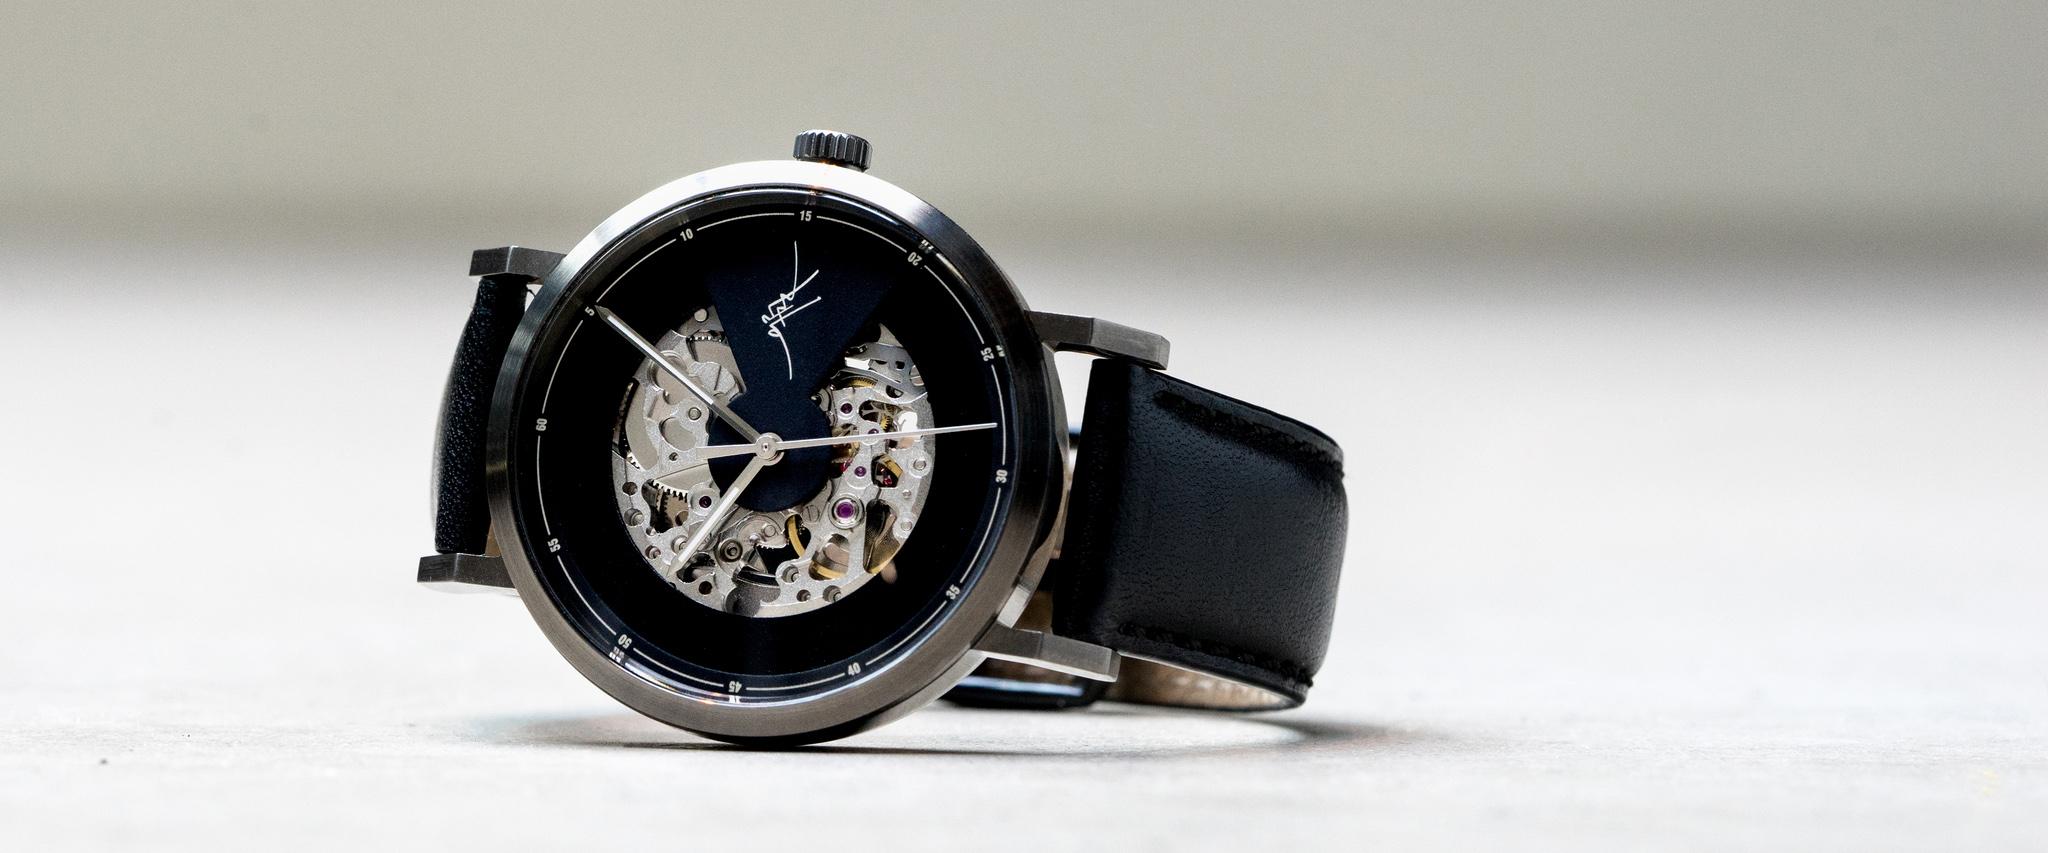 有興趣的朋友就馬上設計你的專屬錶盤吧!